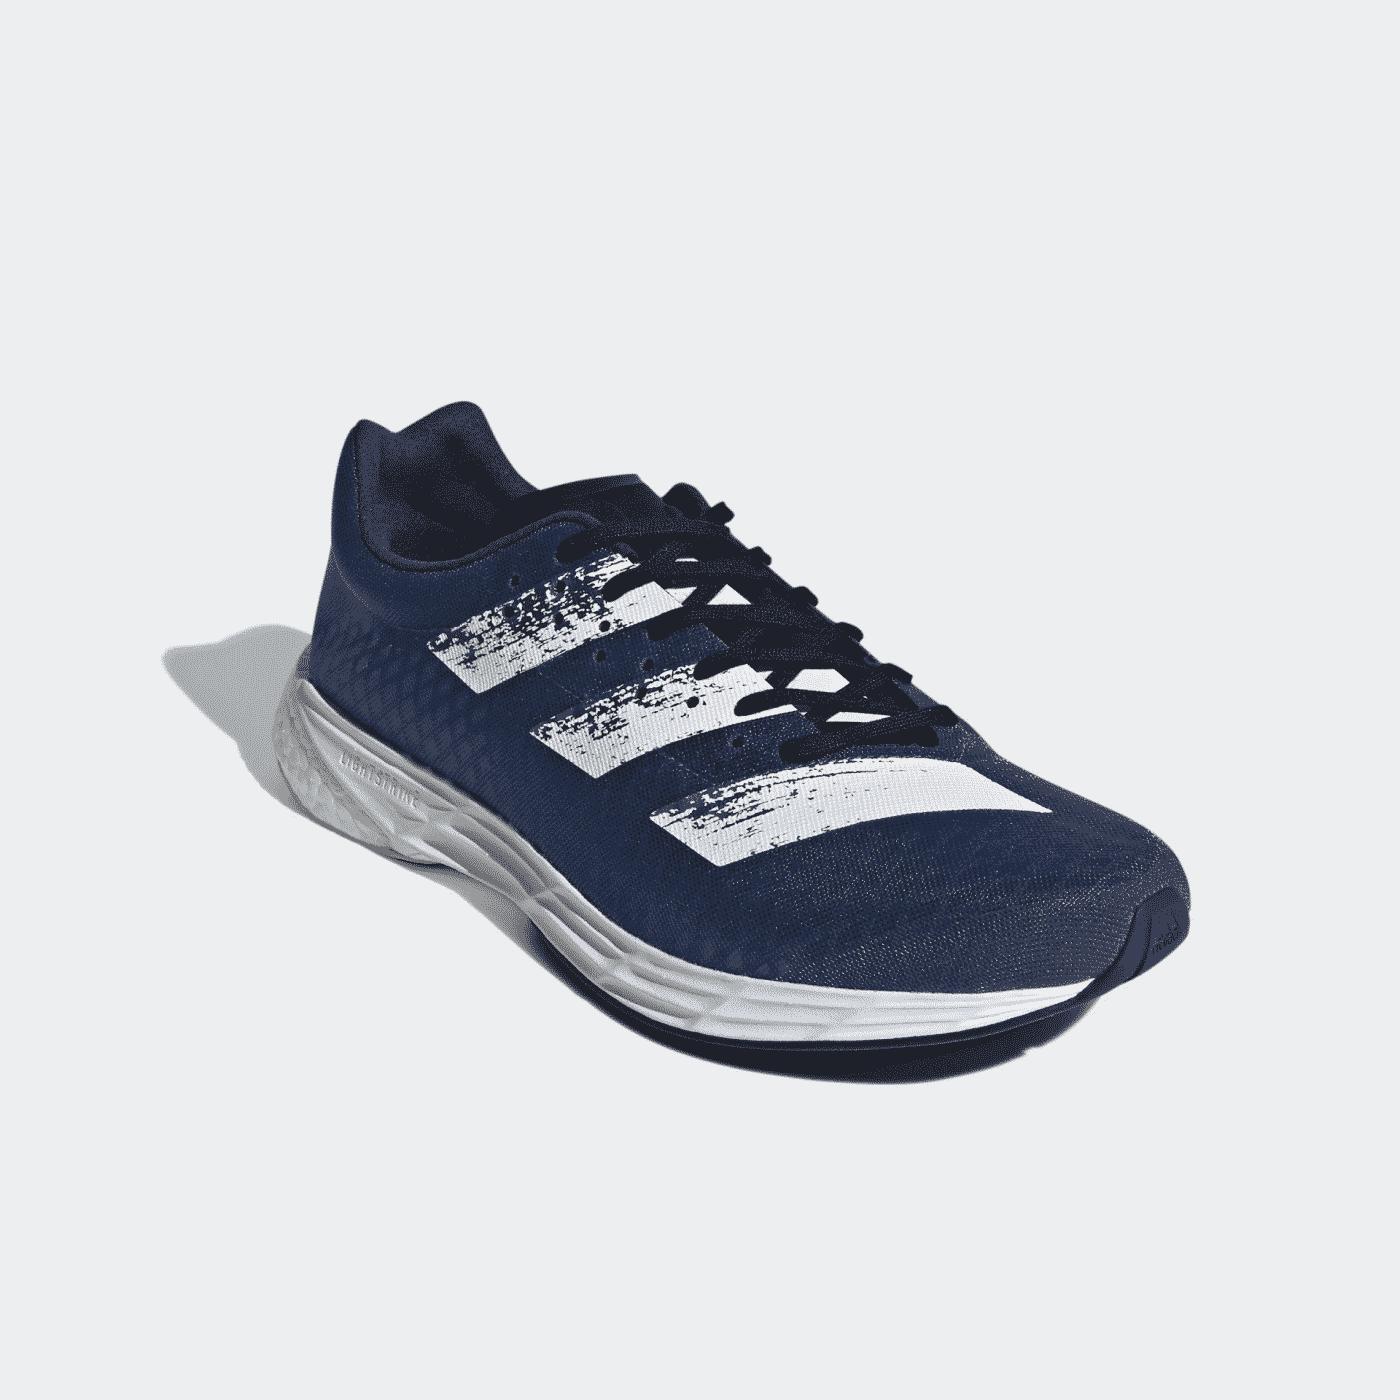 adizero_pro_adidas_bleu_1